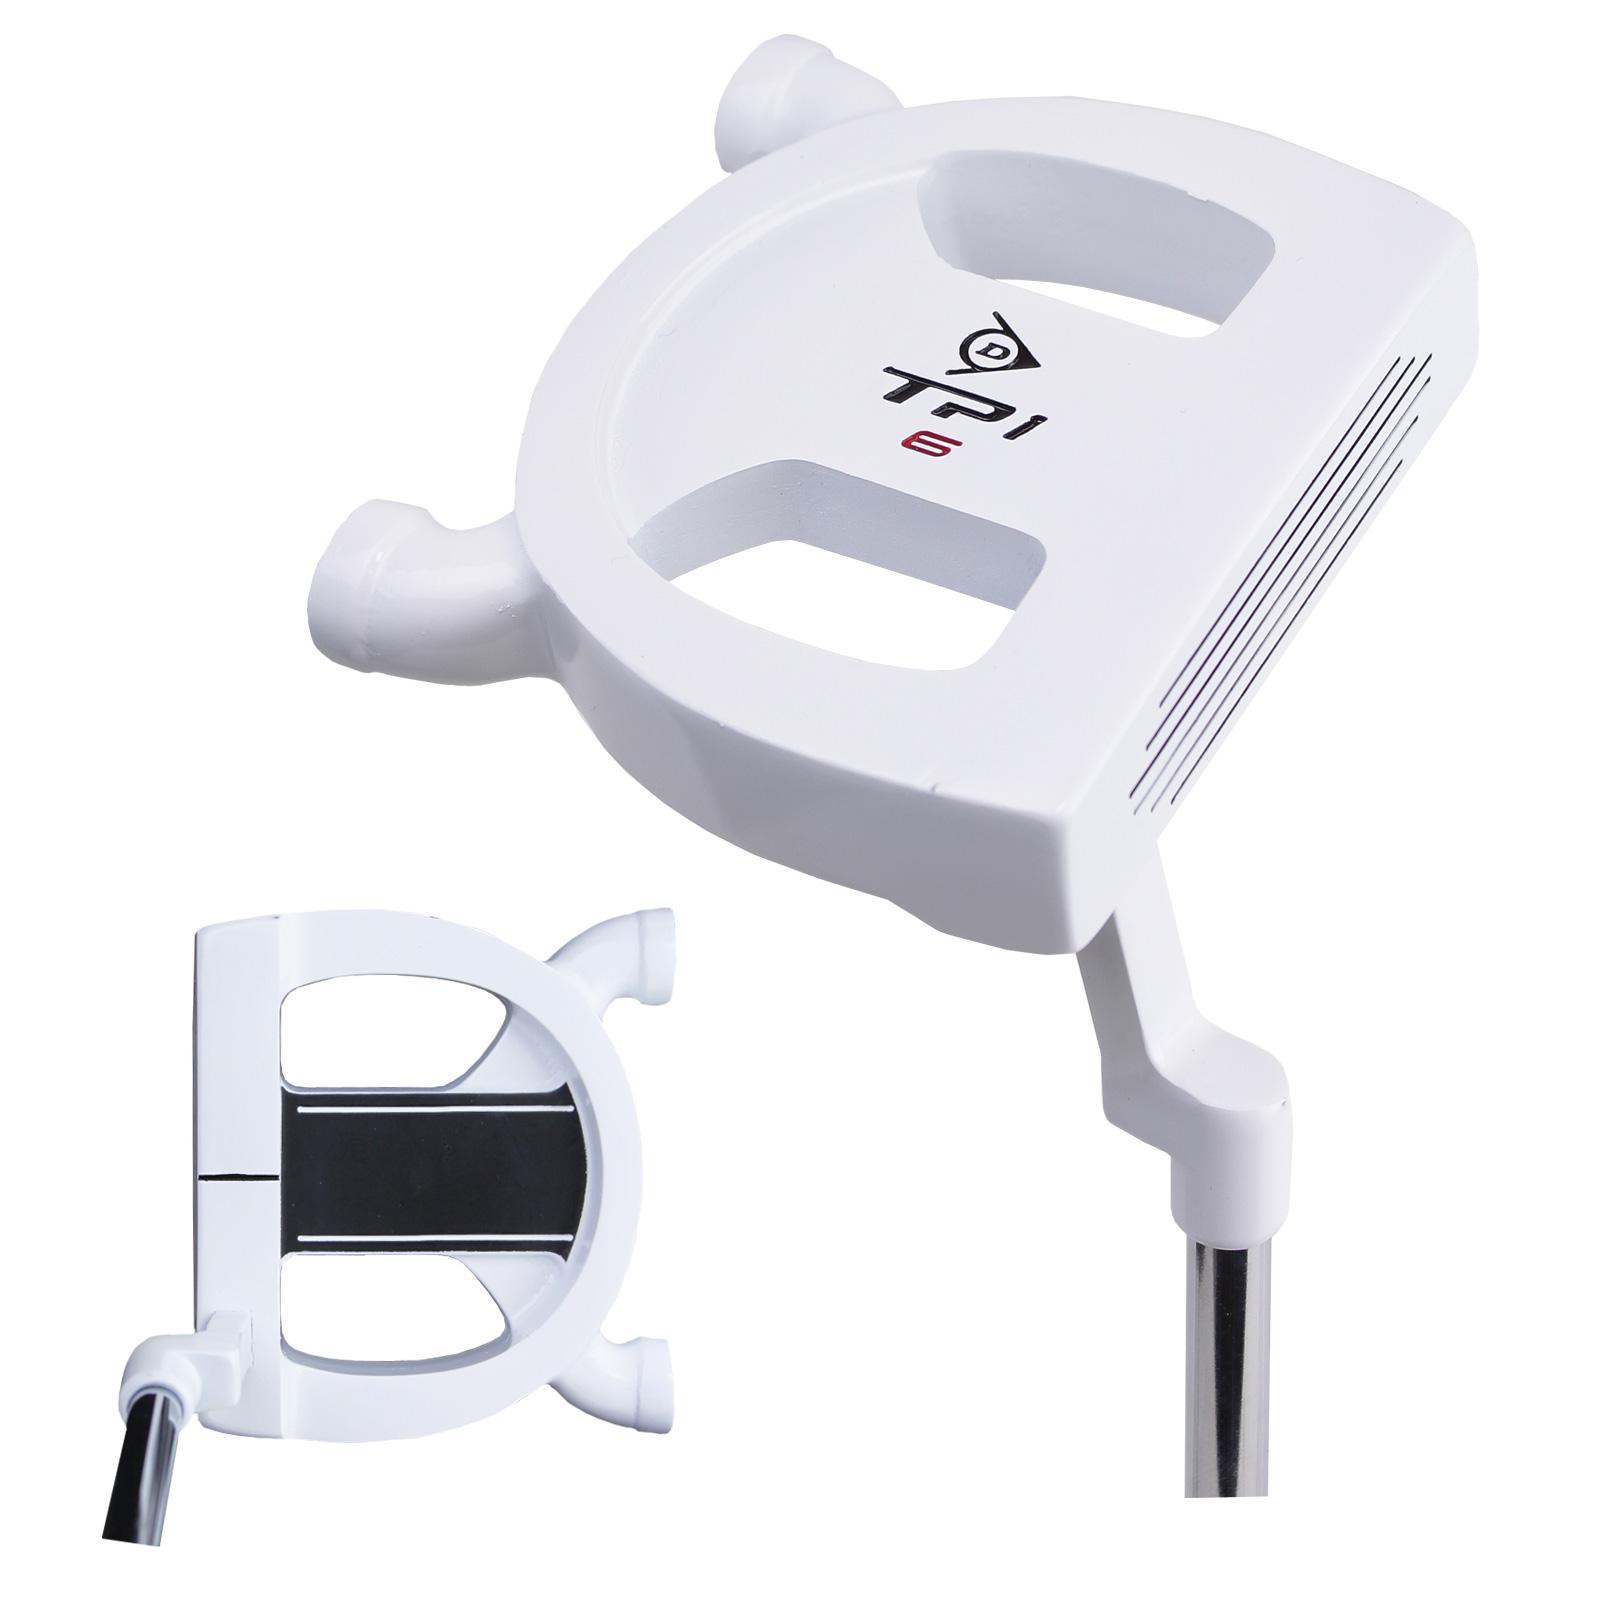 lord of sport dunlop align putter golfschl ger no 6. Black Bedroom Furniture Sets. Home Design Ideas